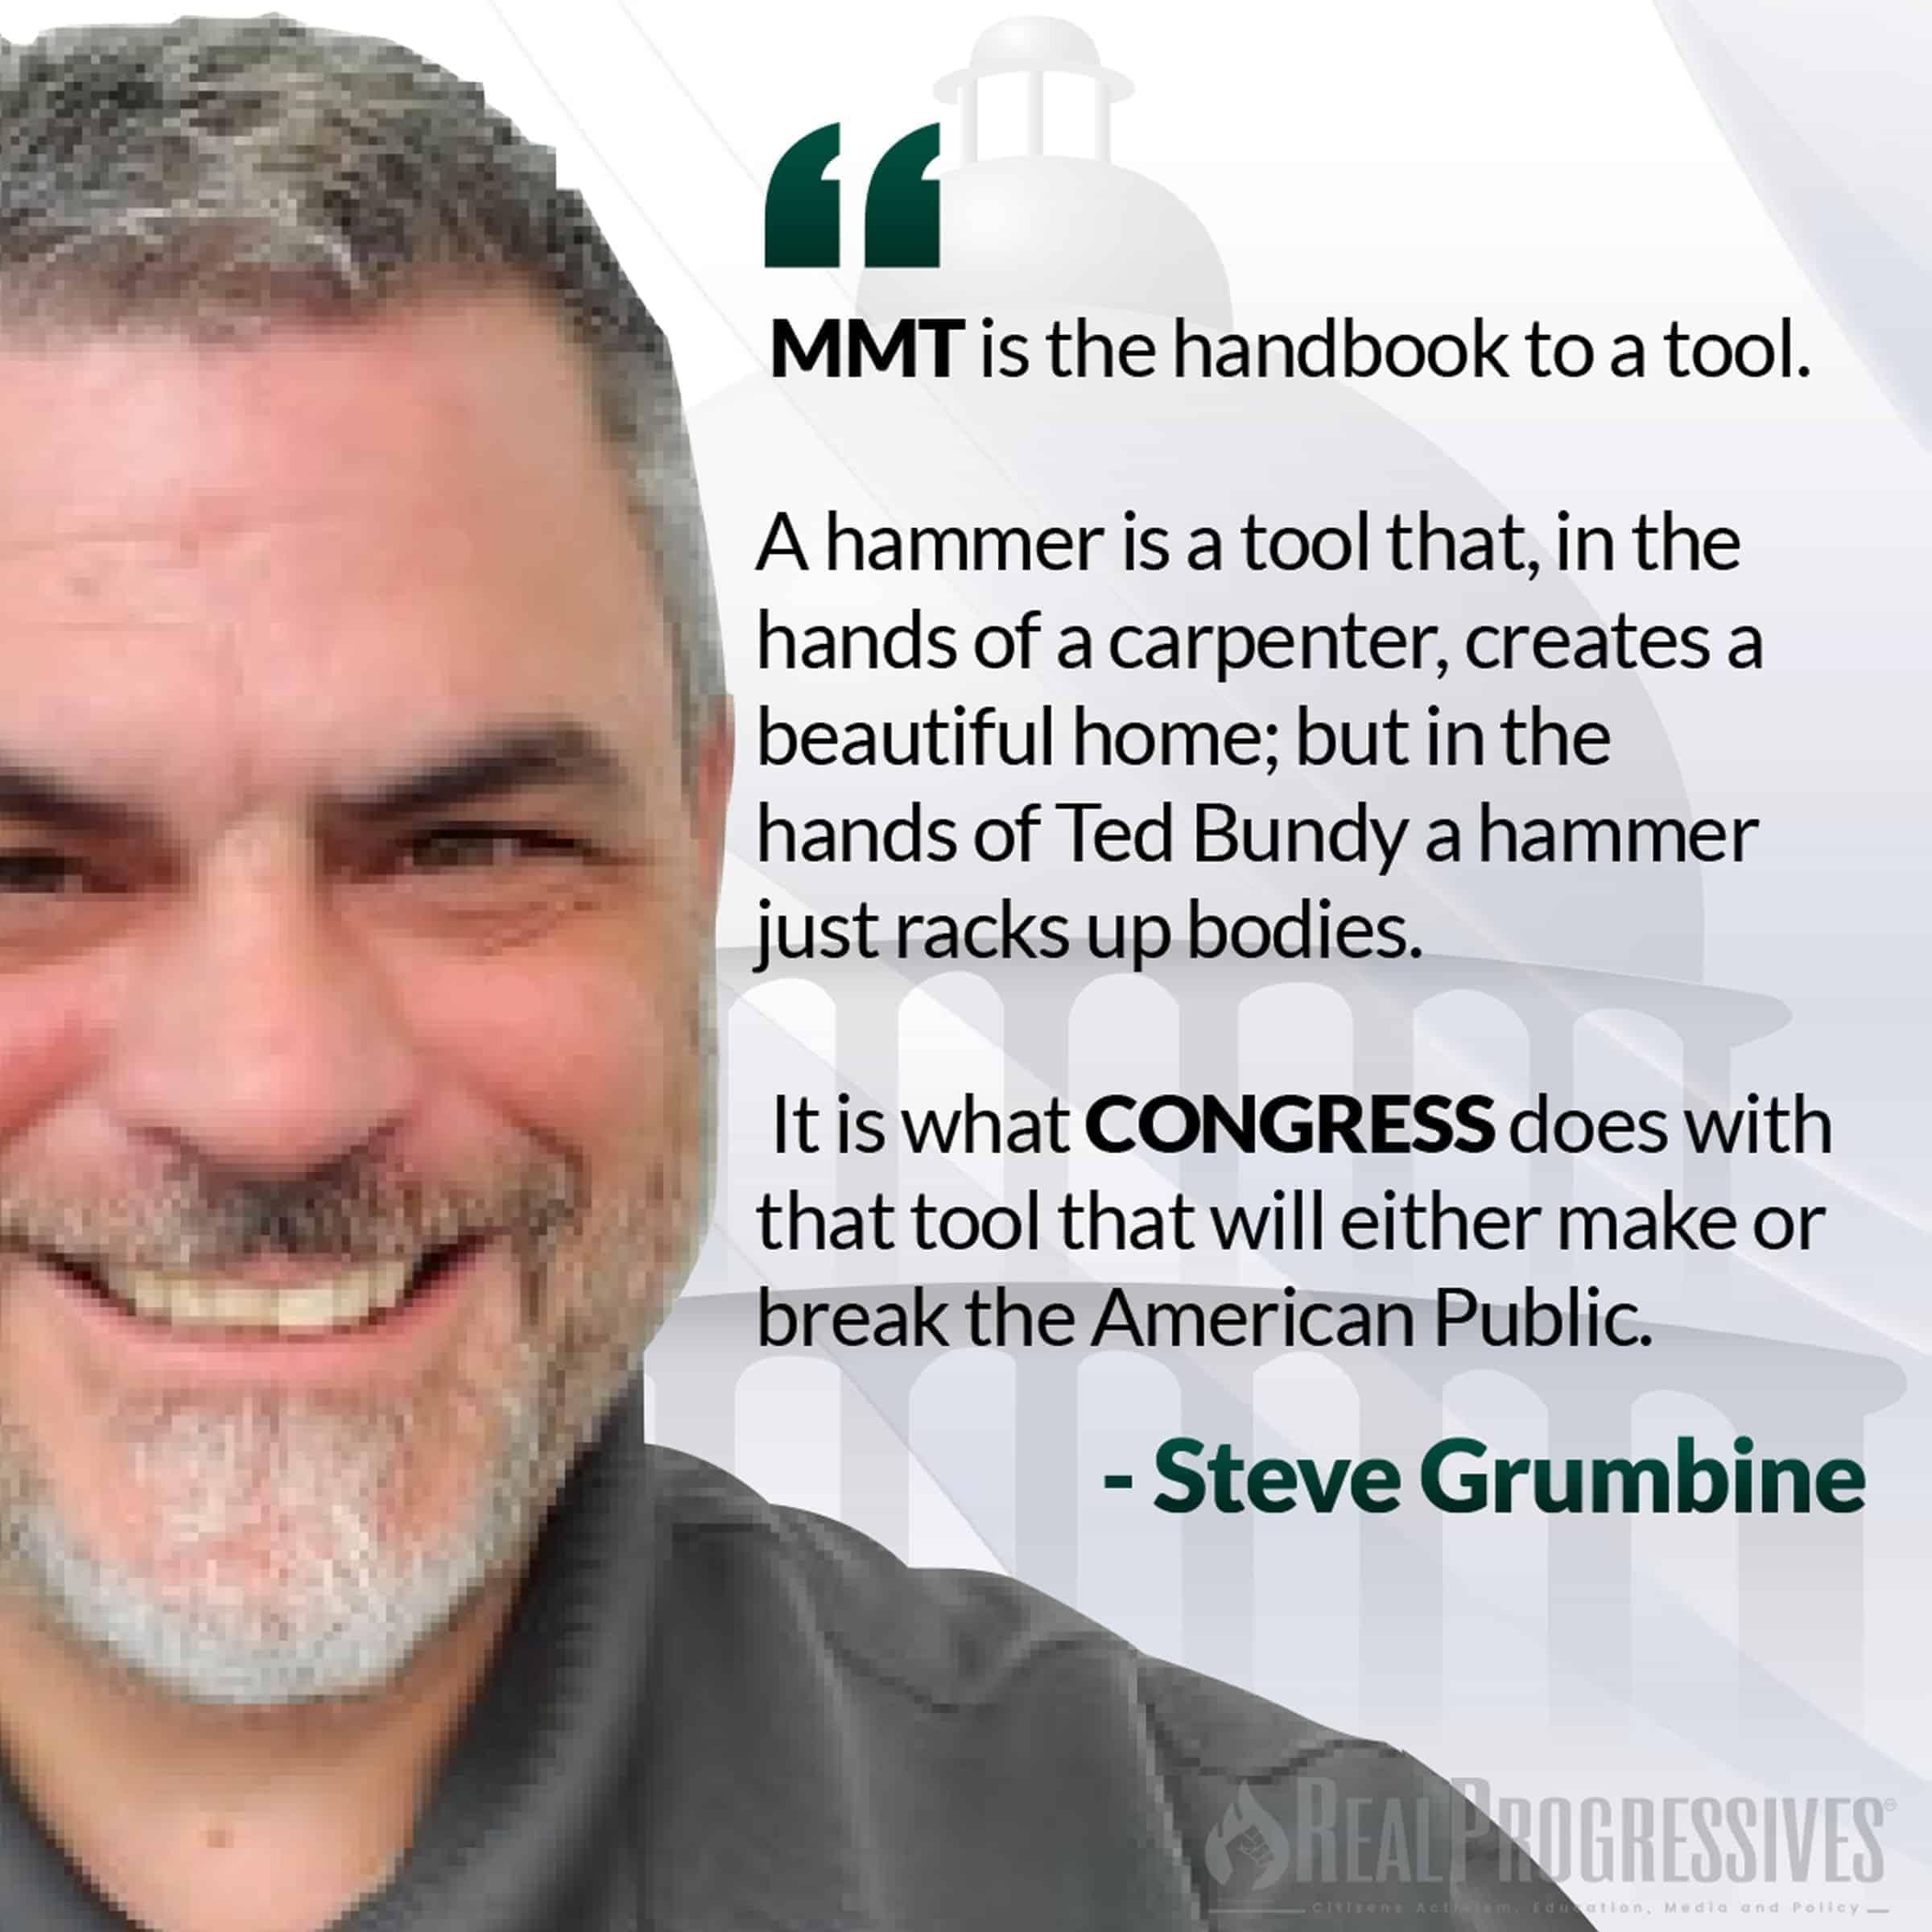 Steve Grumbine meme